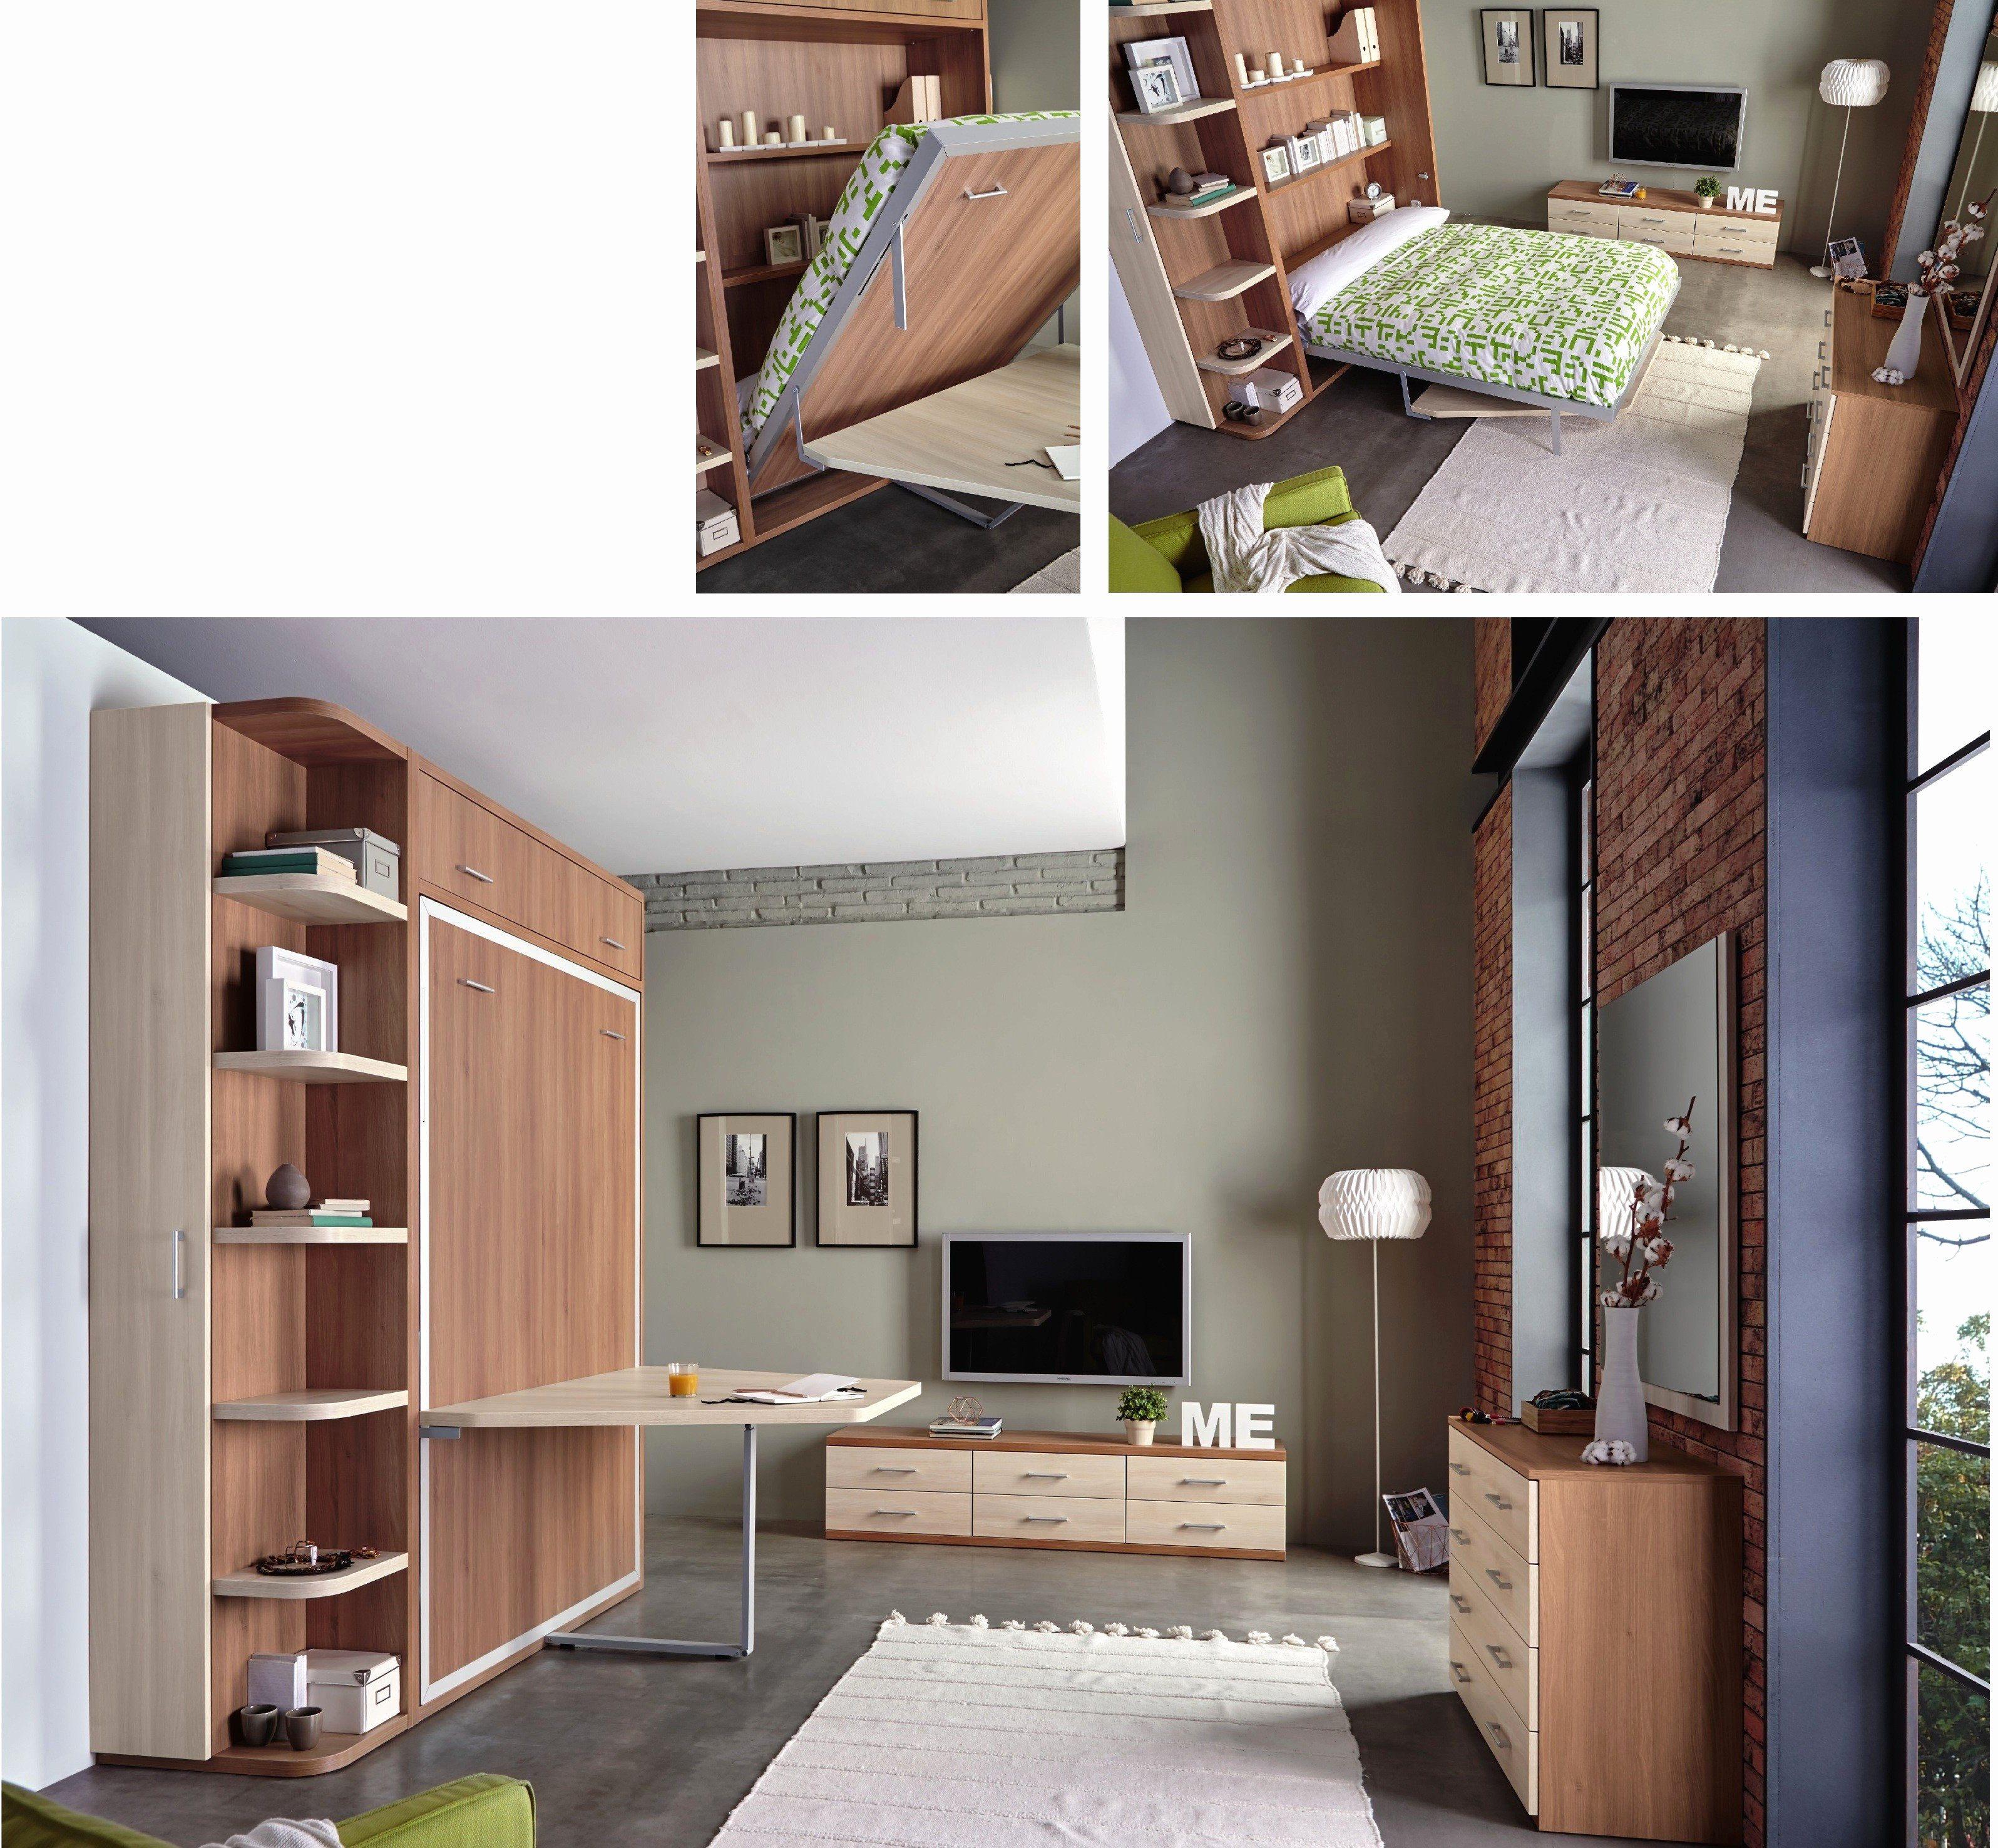 Lit Escamotable Ikea Inspirant source D Inspiration Lit Meuble Escamotable Beau Armoire Alinea 0d